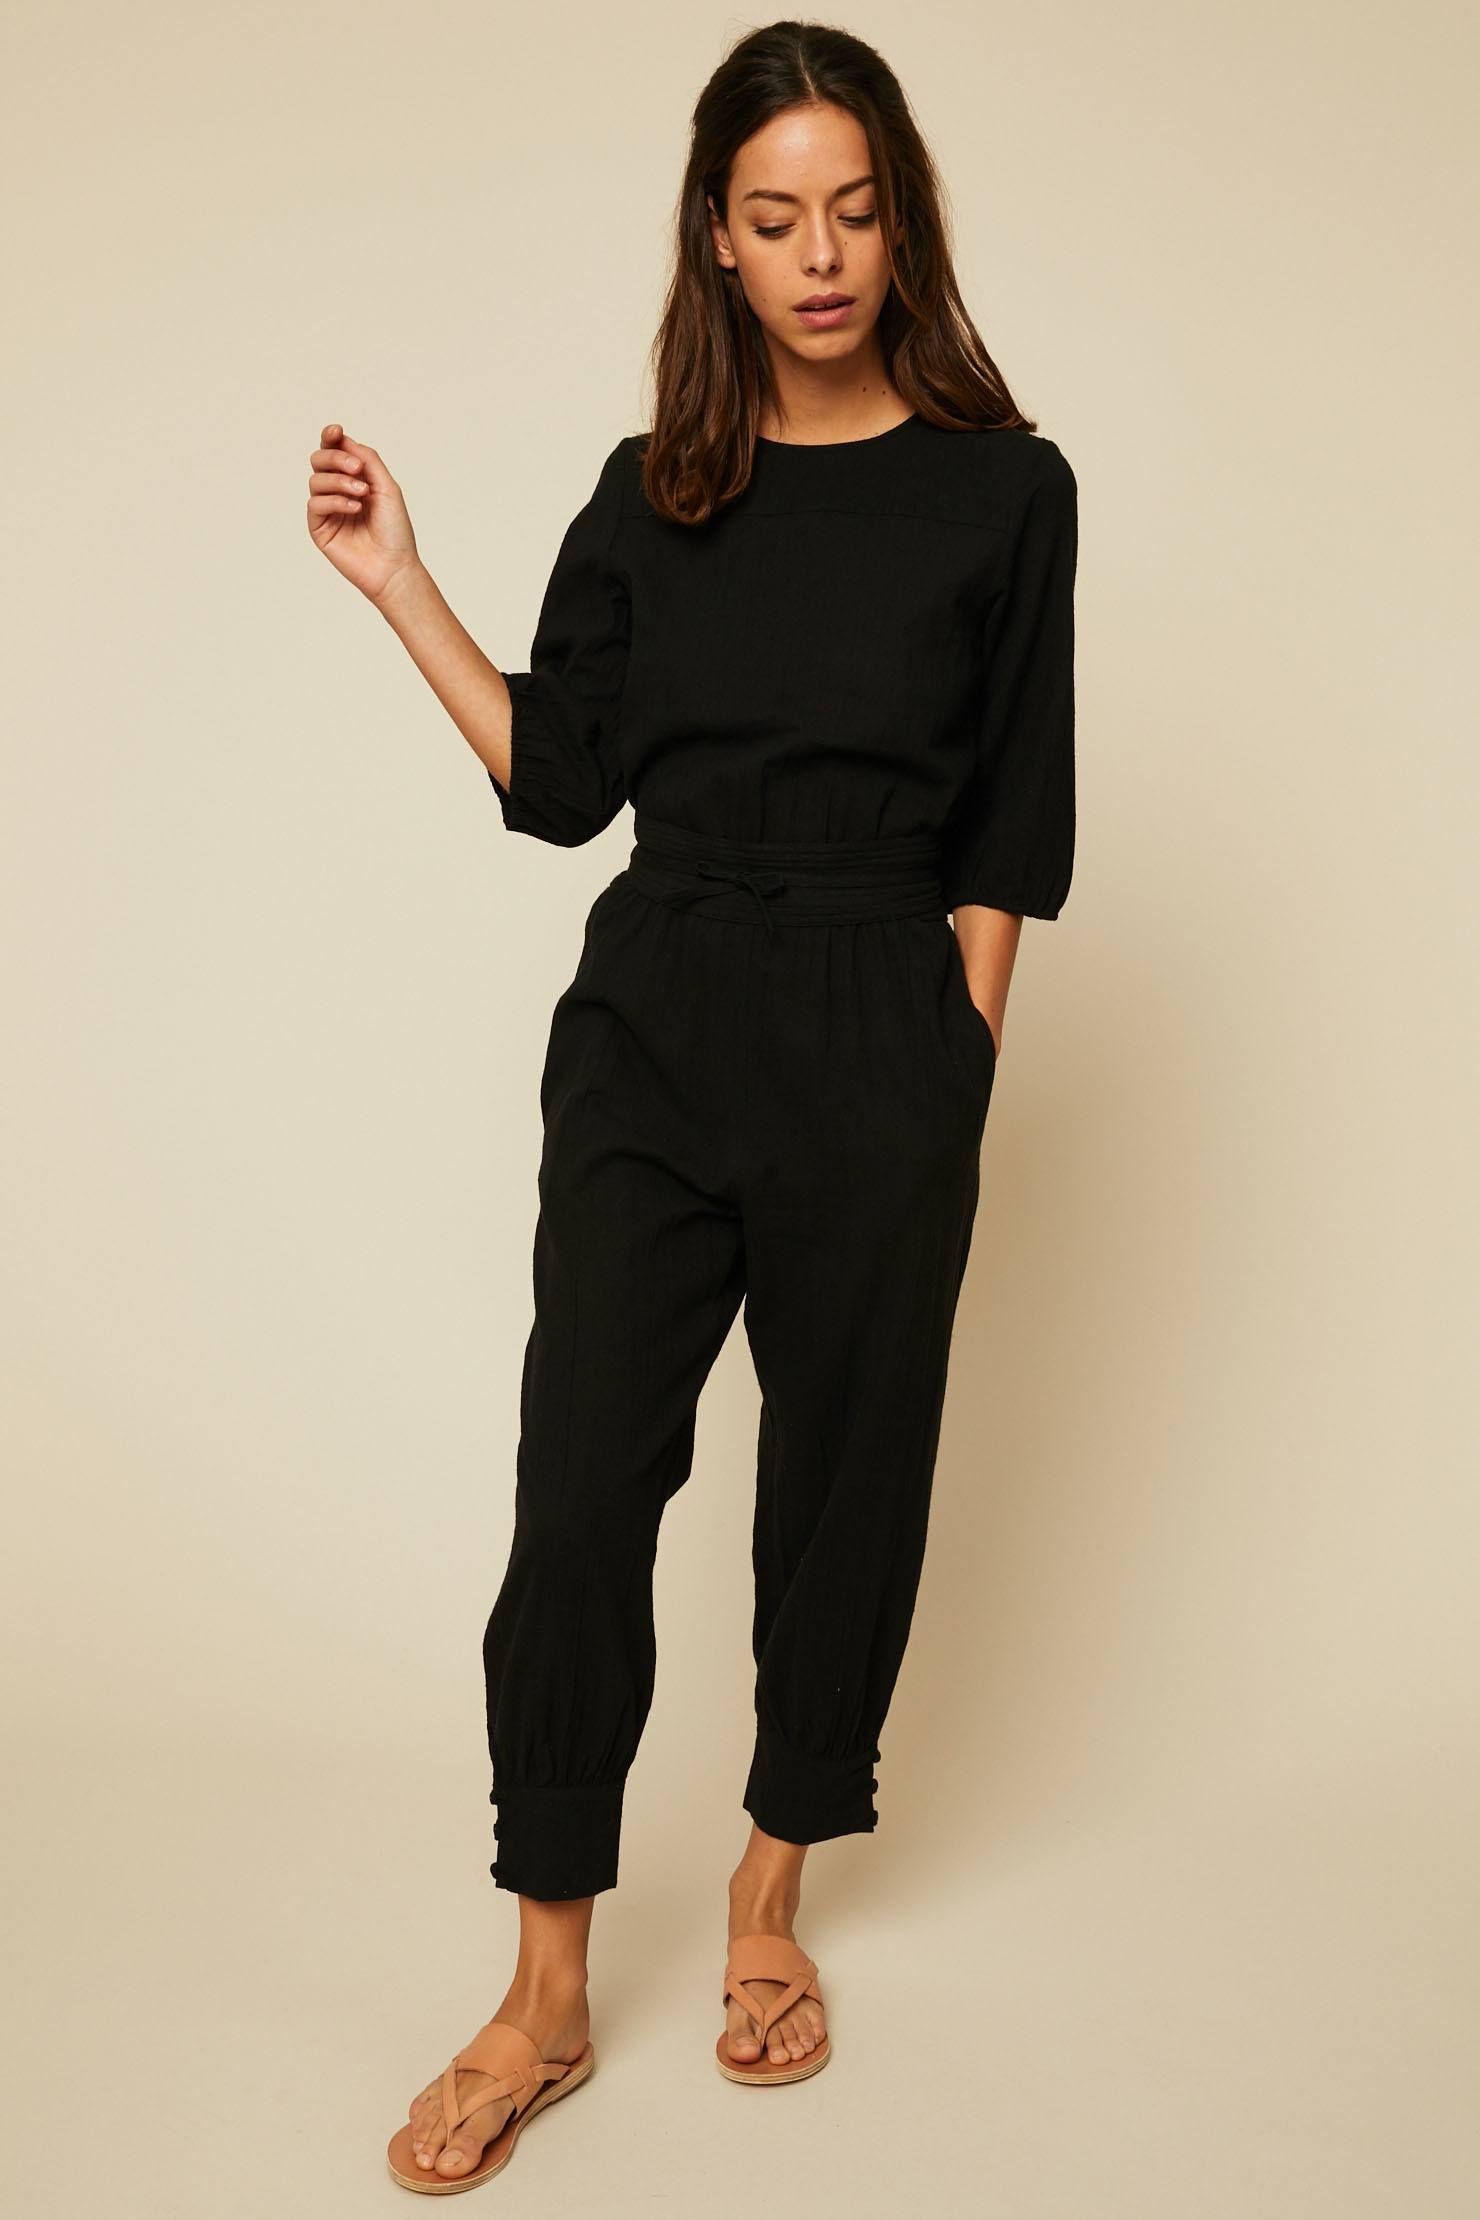 3b46e08672a Polder Salvador Combi-pantalon taille élastique noir en 2019